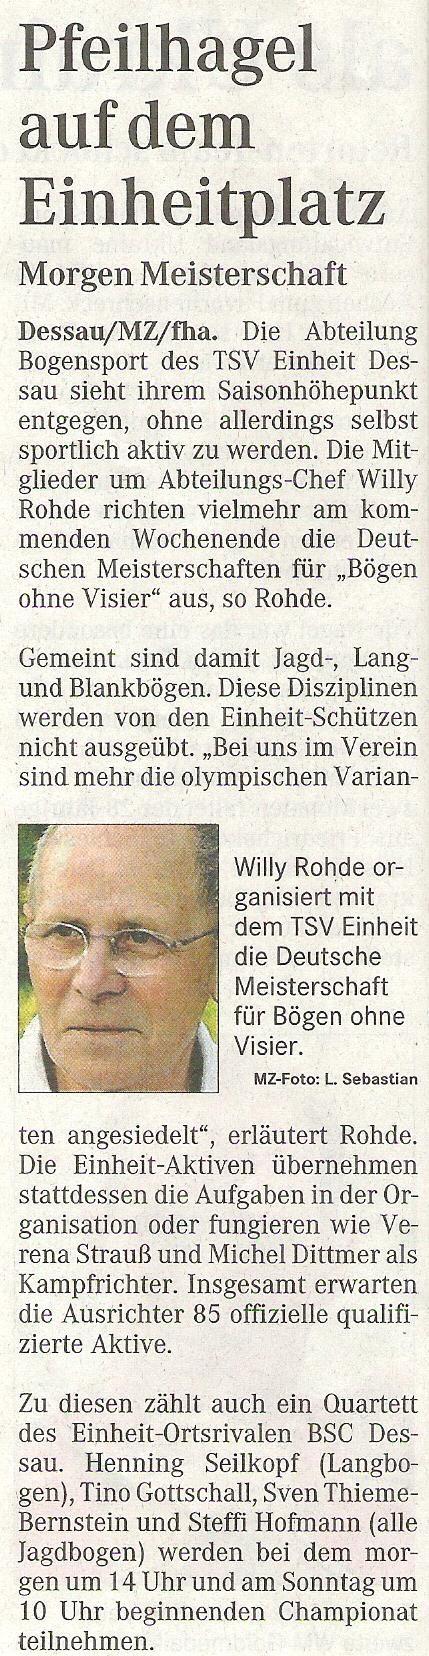 Ankündigung DM FITA Bögen ohne Visier in Dessau – Mitteldeutsche Zeitung vom 01.09.2006